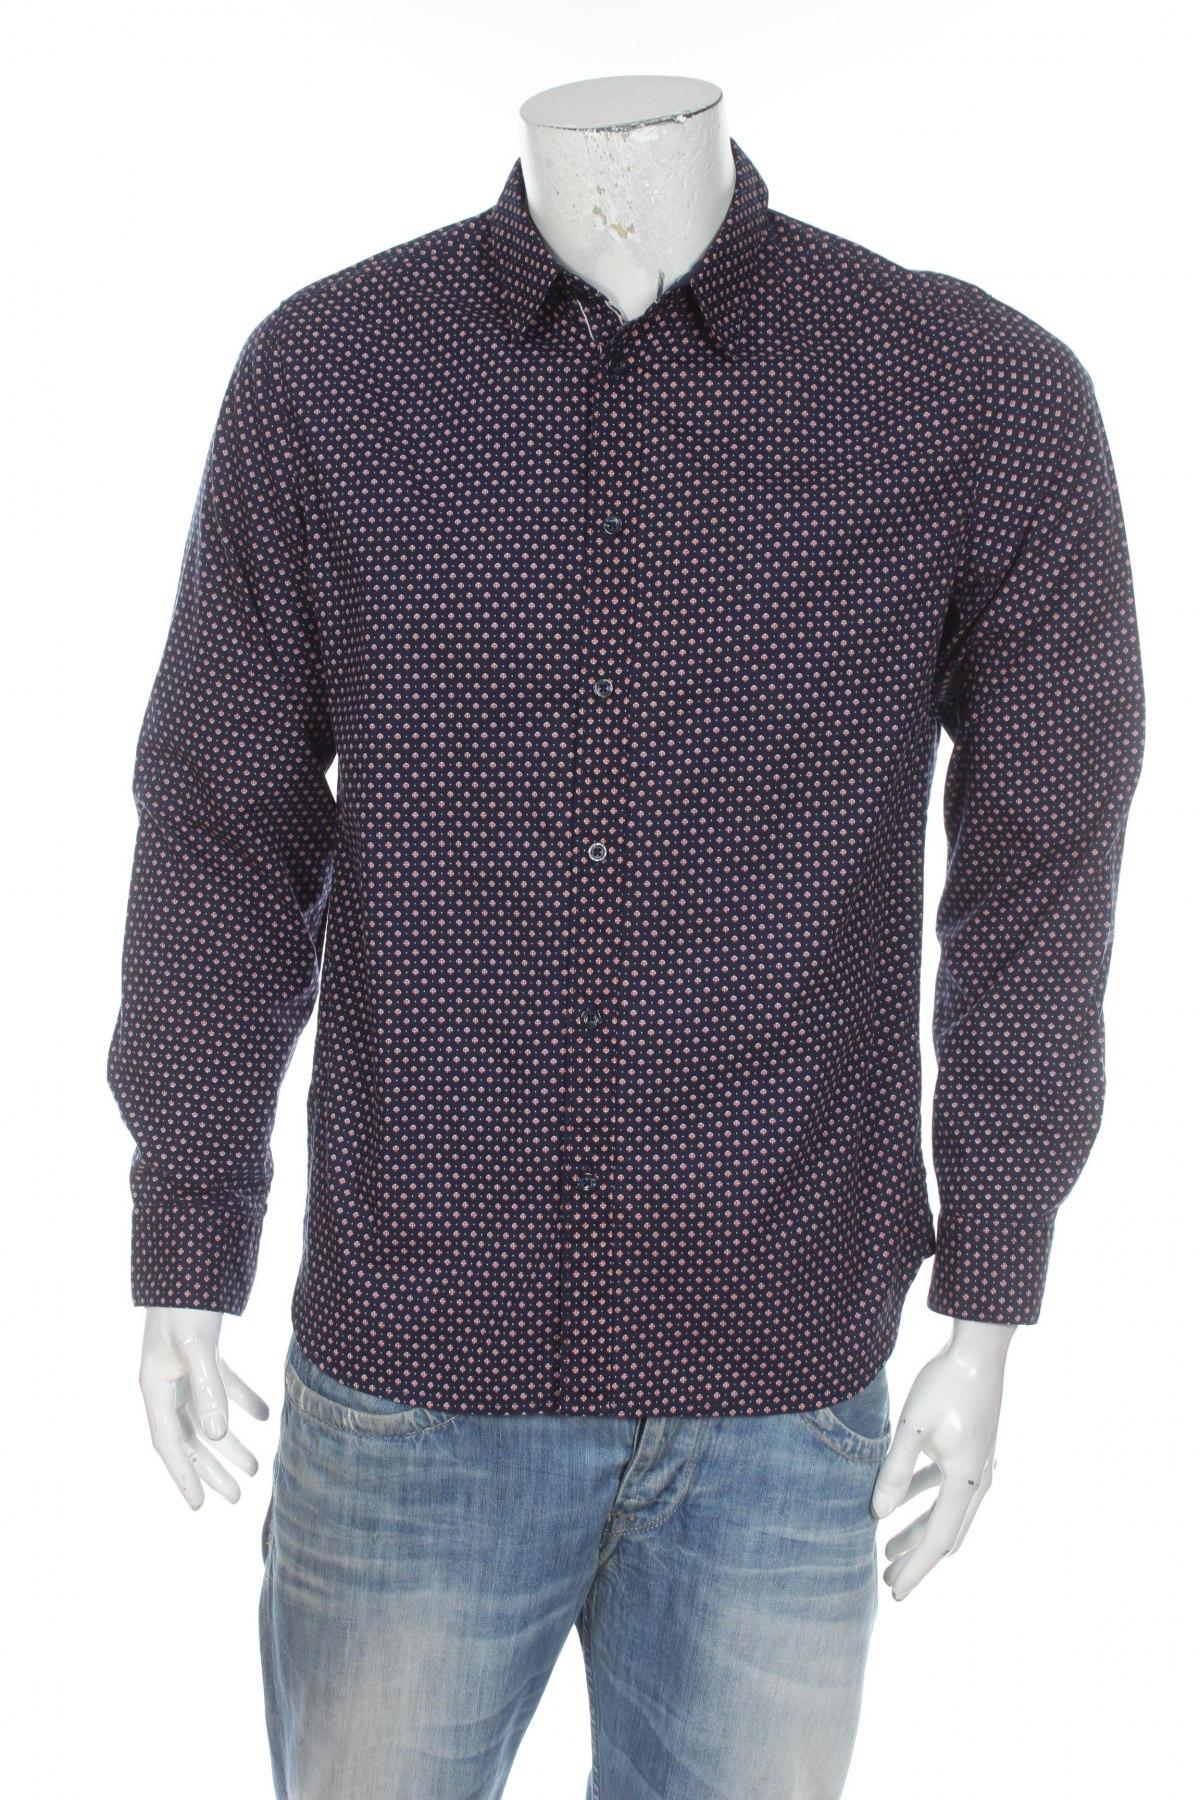 4a74a27fb33e Ανδρικό πουκάμισο Pepe Jeans - σε συμφέρουσα τιμή στο Remix -  100027412